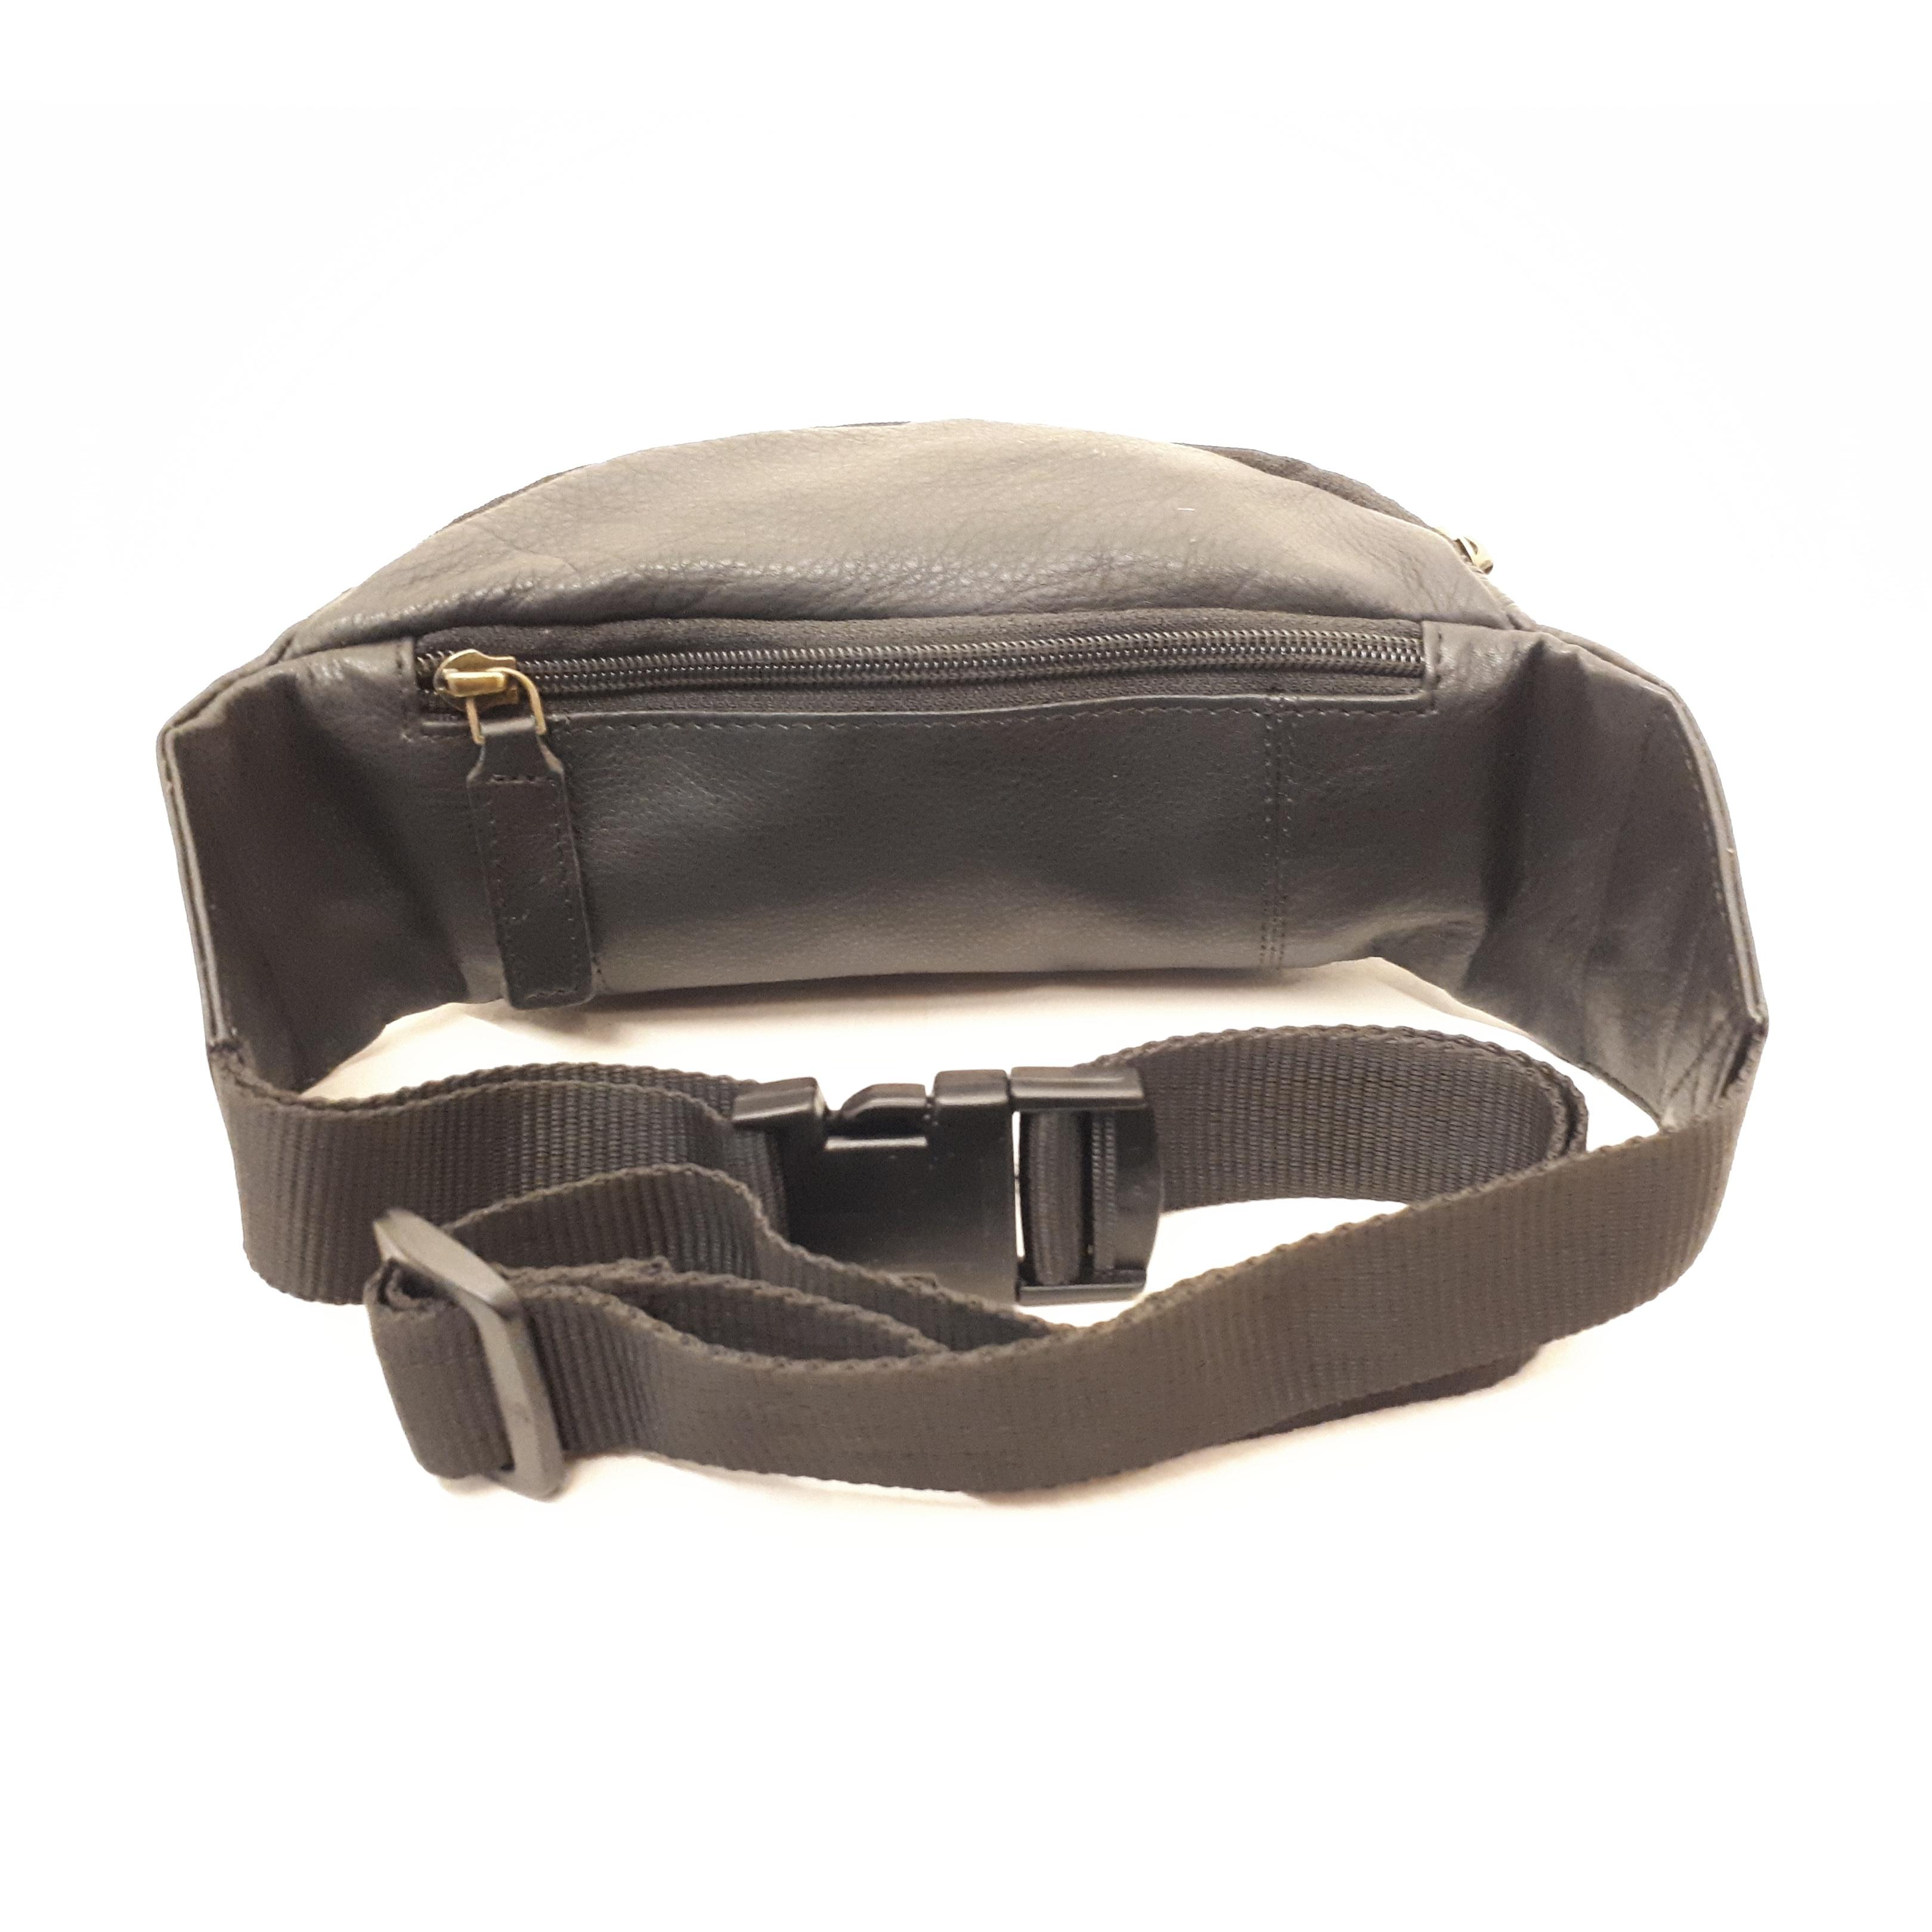 Kangaroo Bag Black